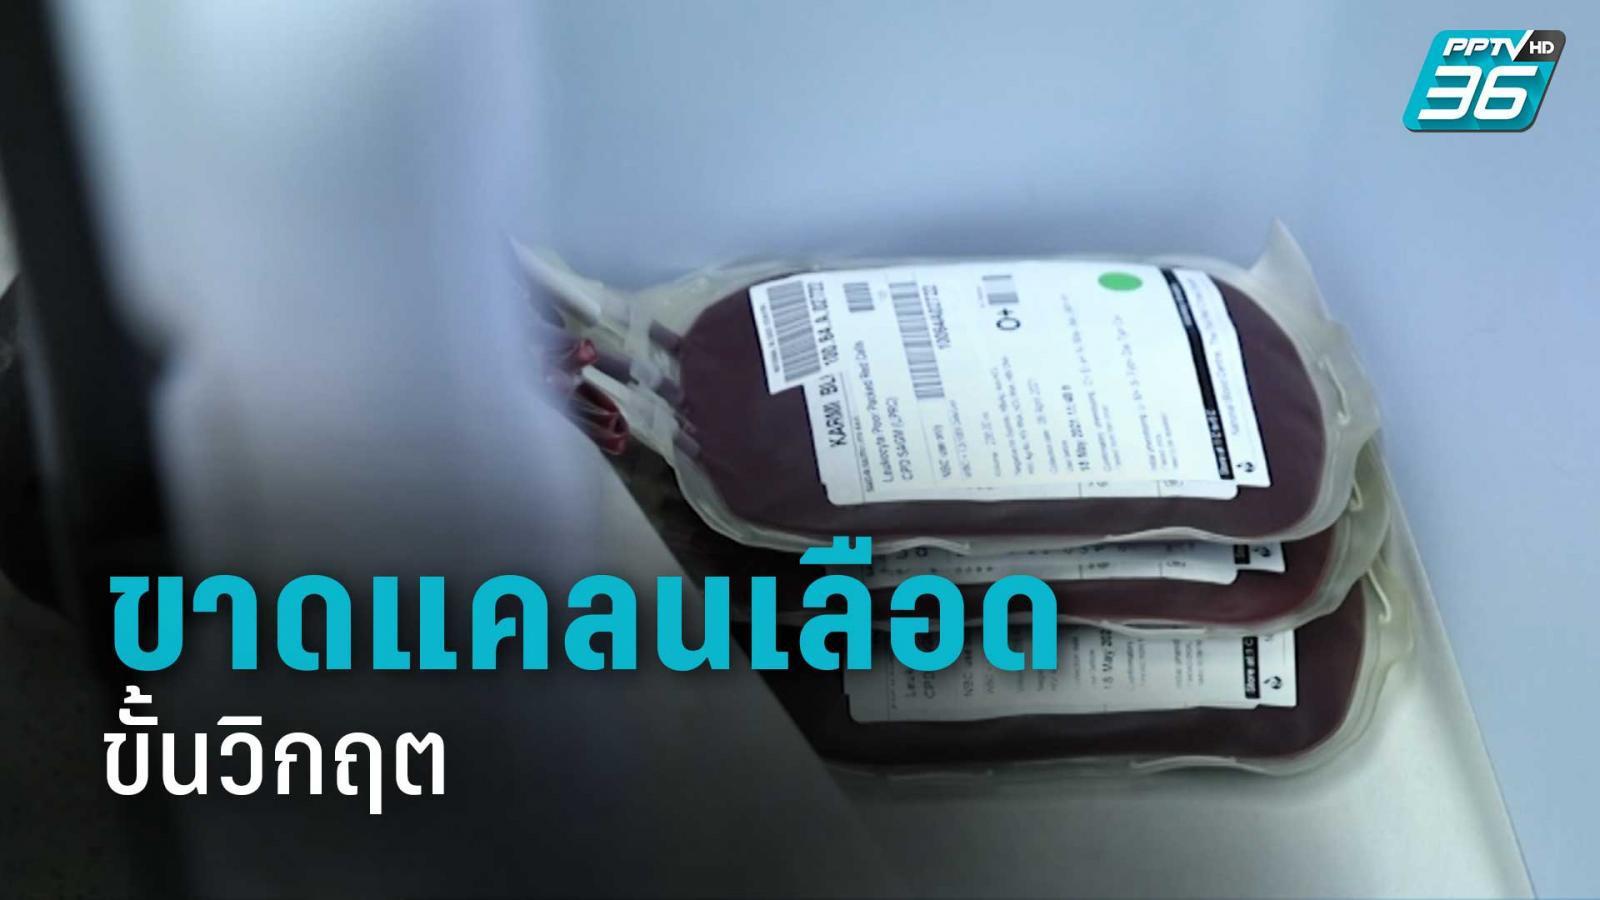 สภากาชาดไทย วอน บริจาคเลือด หลังขาดแคลนเลือด ขั้นวิกฤต